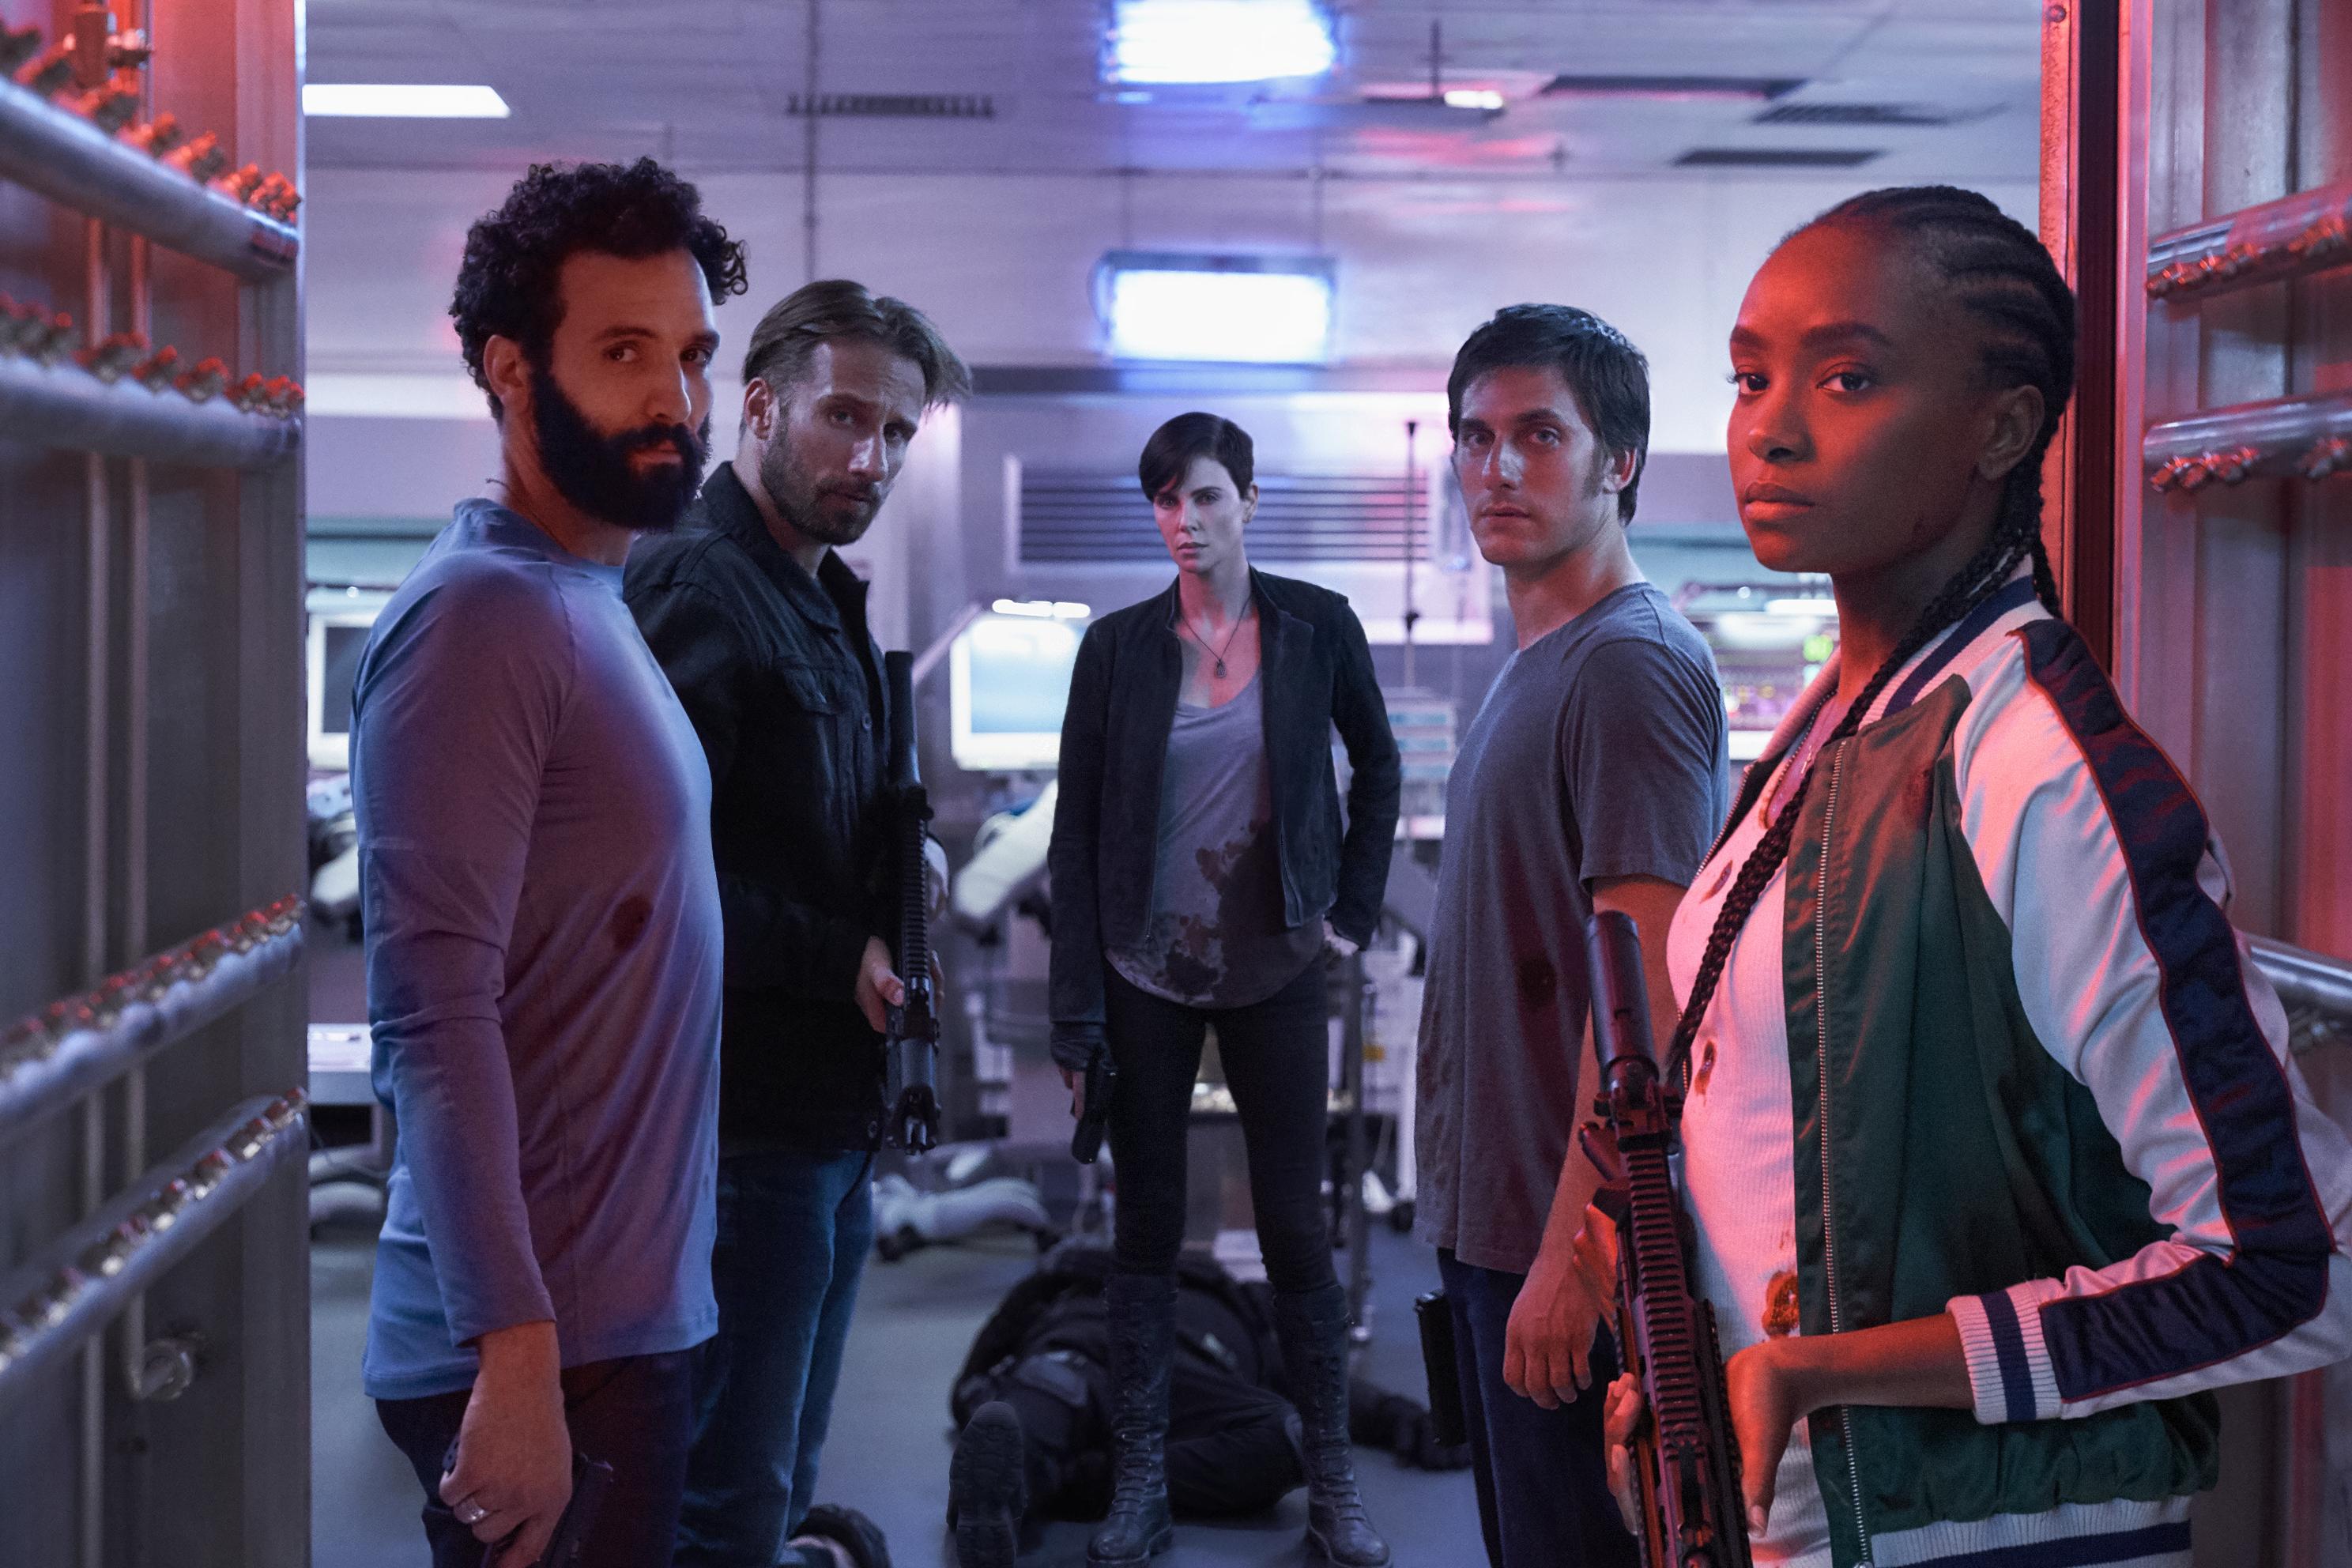 莎莉賽隆(右3)率領其他四位同樣有著自癒超能力的殺手組成「不死軍團」